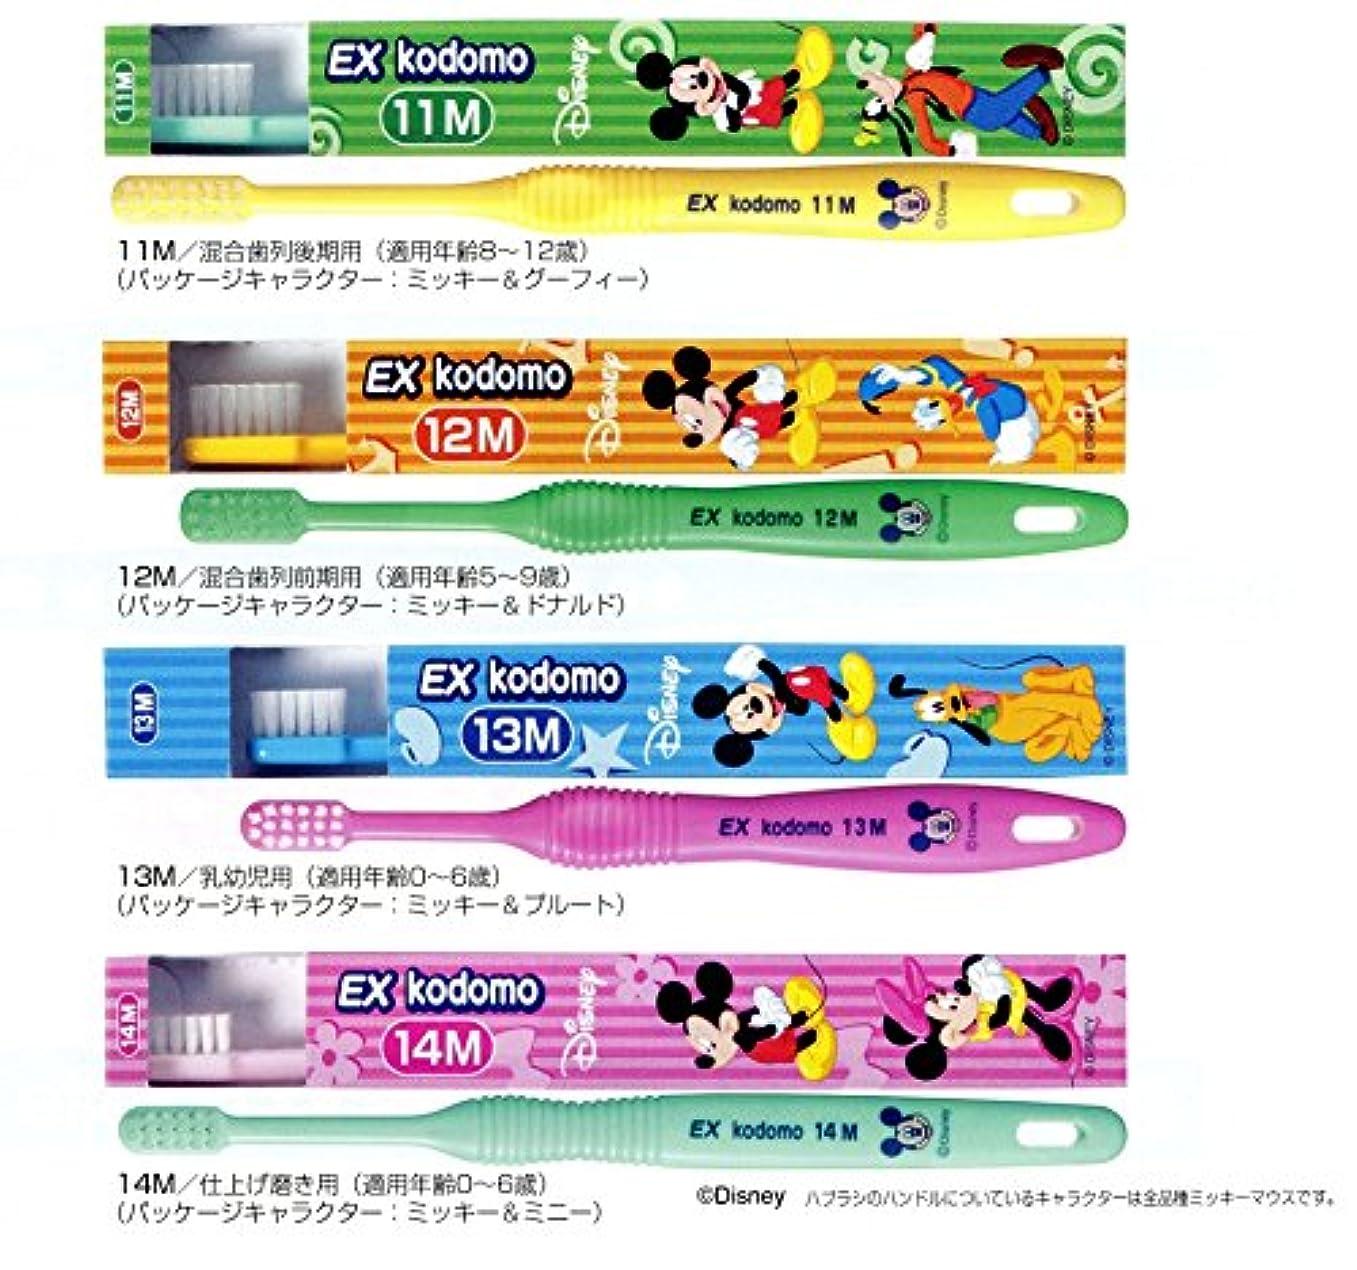 マングル船尾筋ライオン コドモ ディズニー DENT.EX kodomo Disney 1本 14M グリーン (仕上げ磨き用?0?6歳)